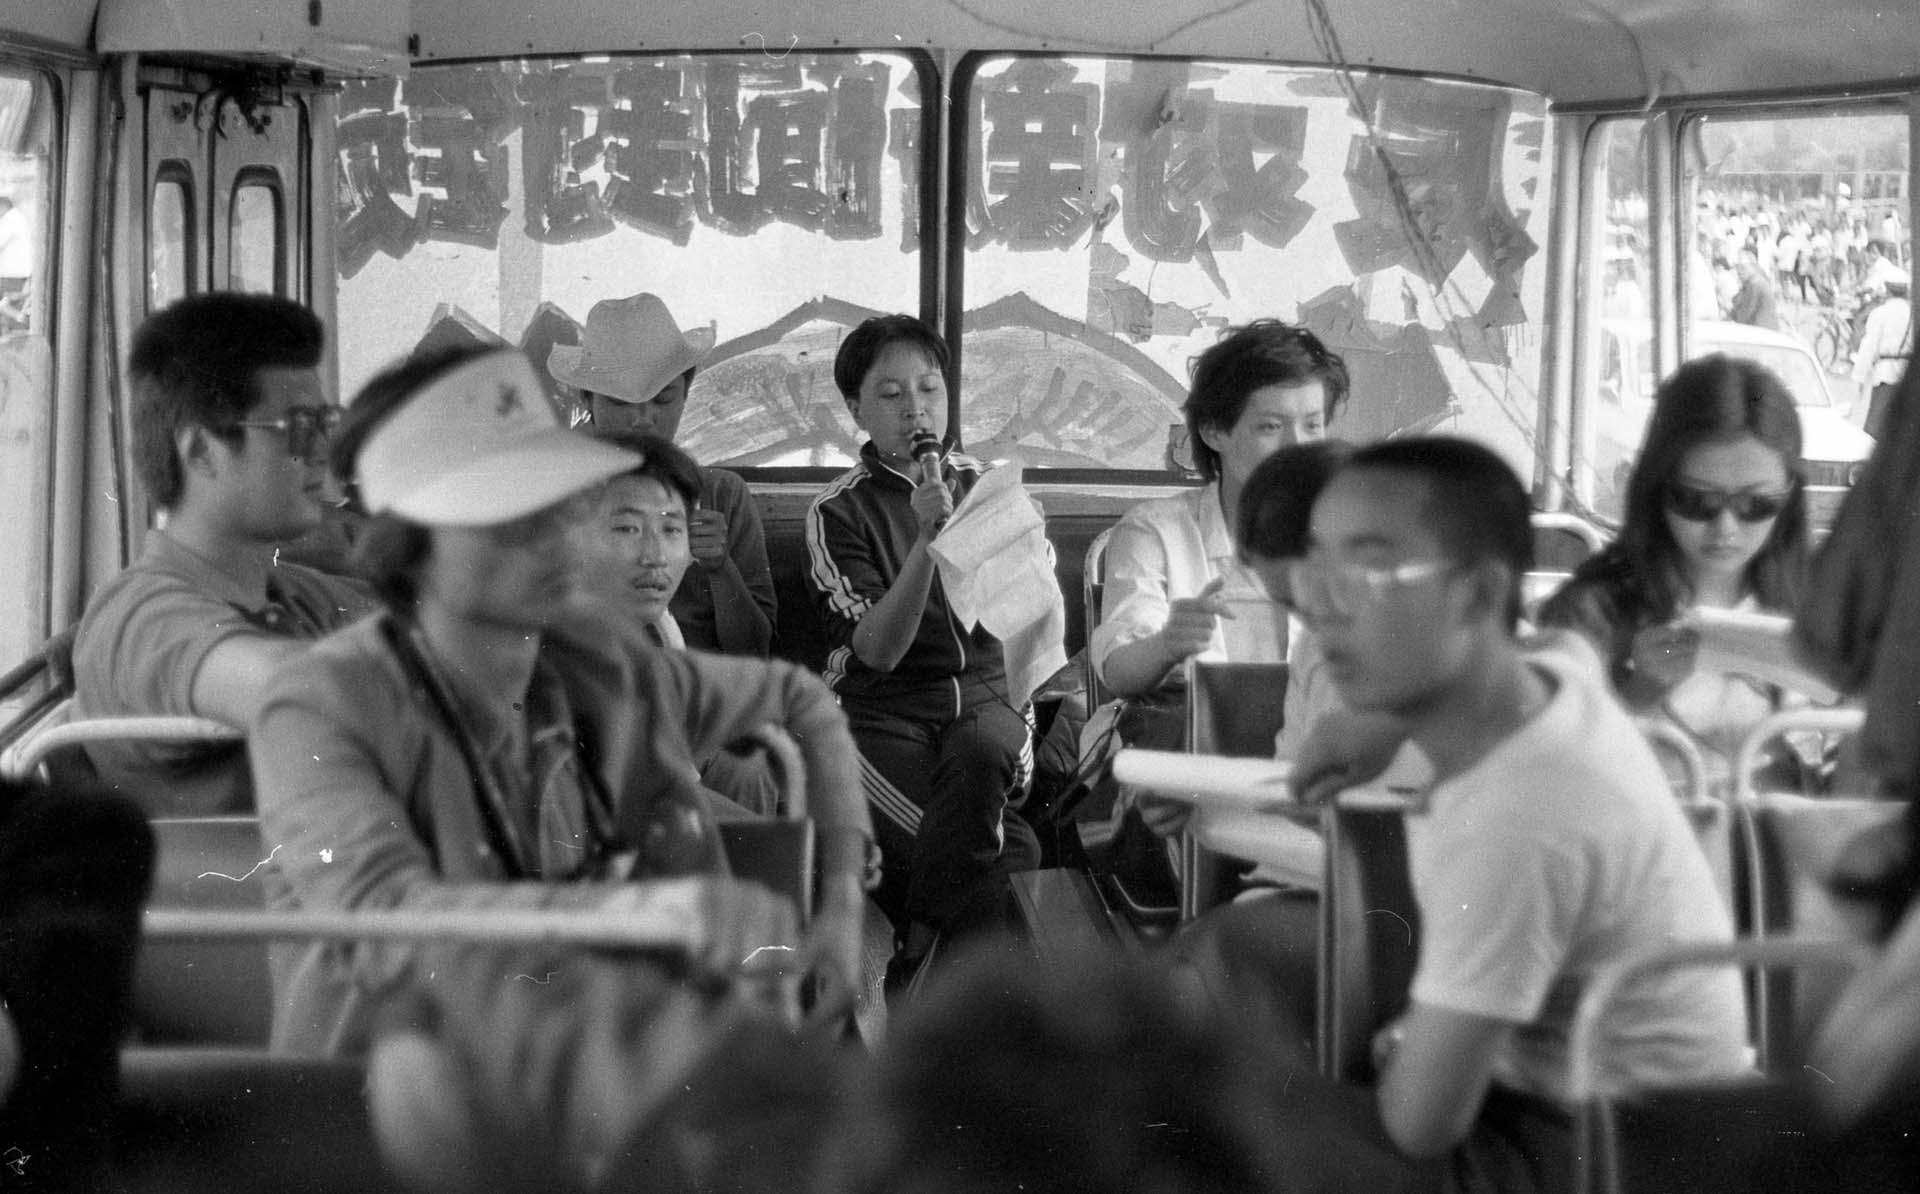 Fotografías de las protestas tomadas en 1989 previo a la represión de Tiananmen (Jian Liu)